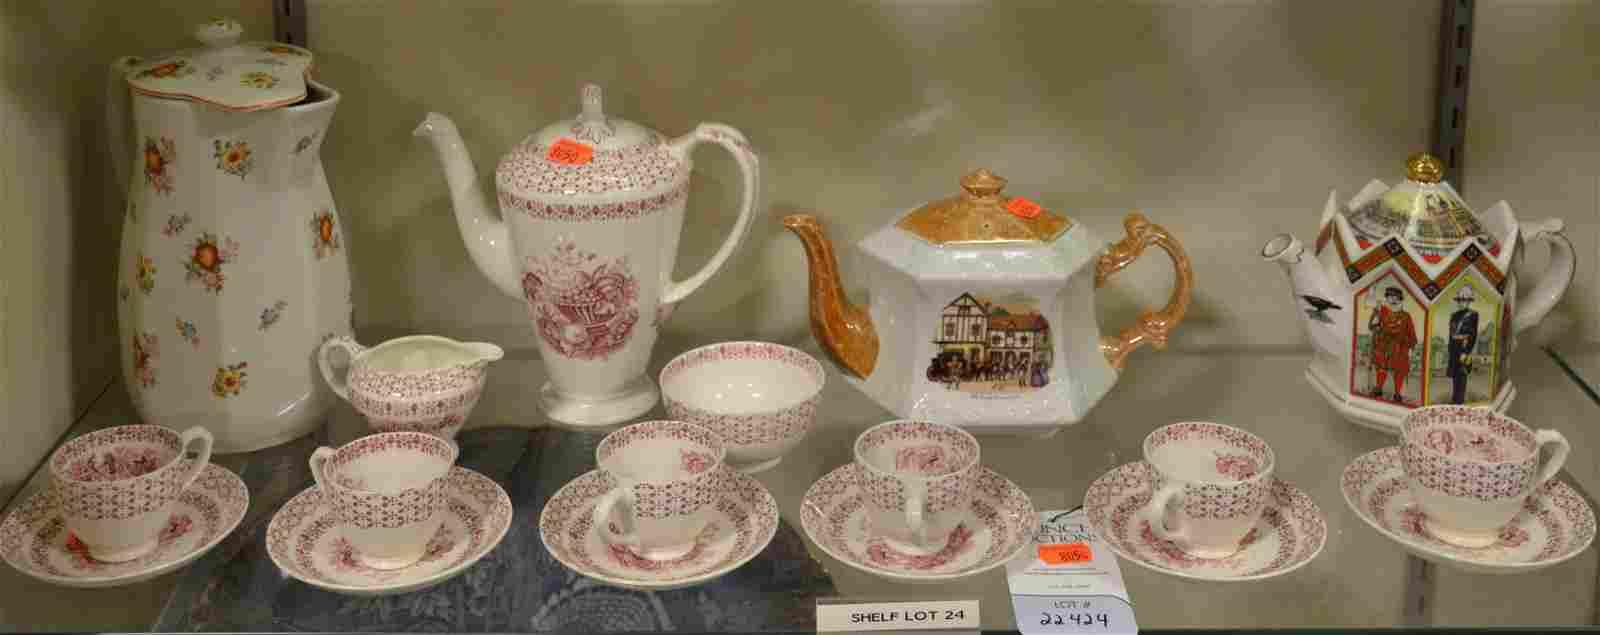 Shelf #24 - Tea Set and Teapots